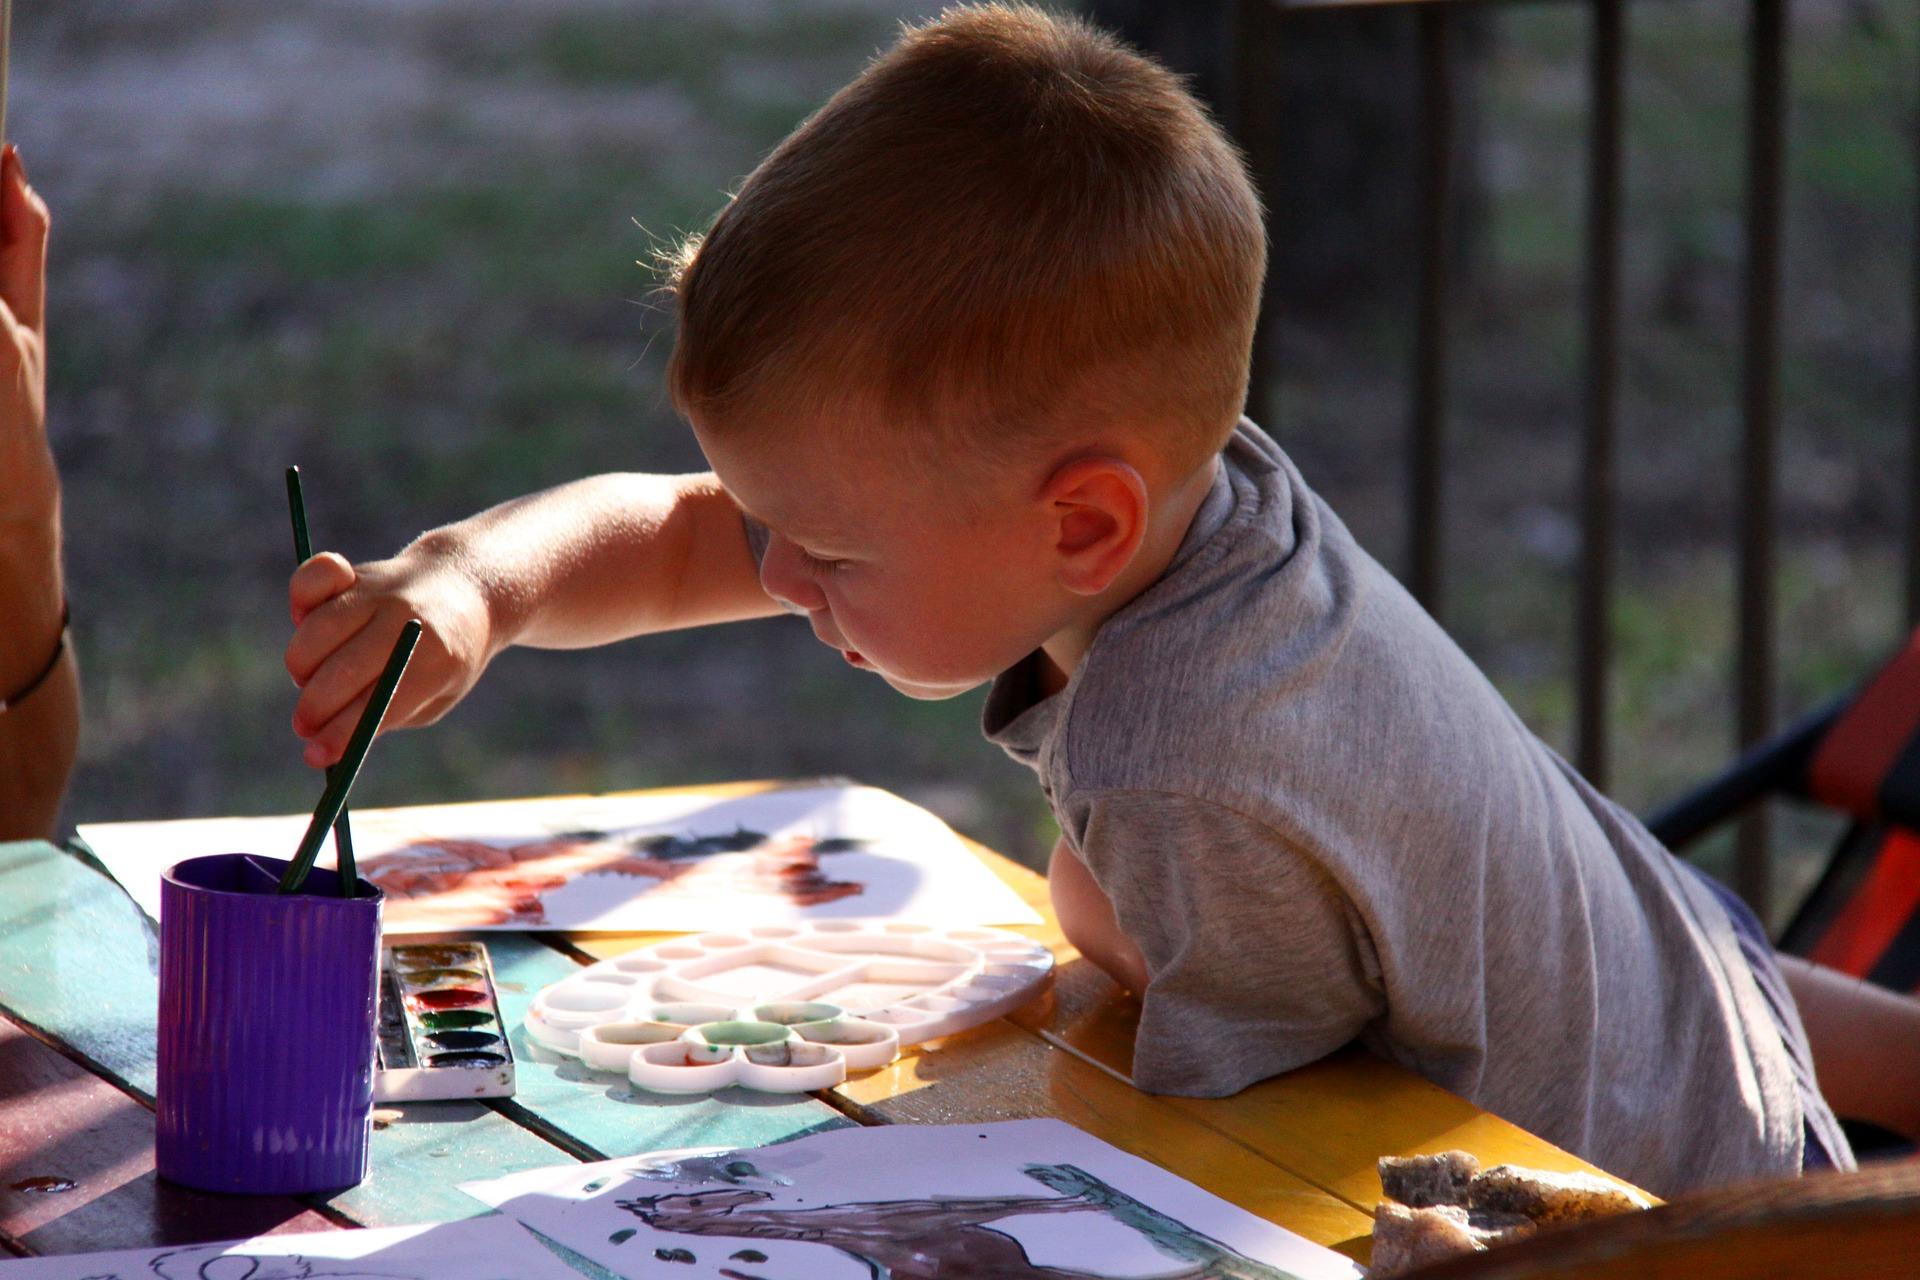 Art workshop for kids in London